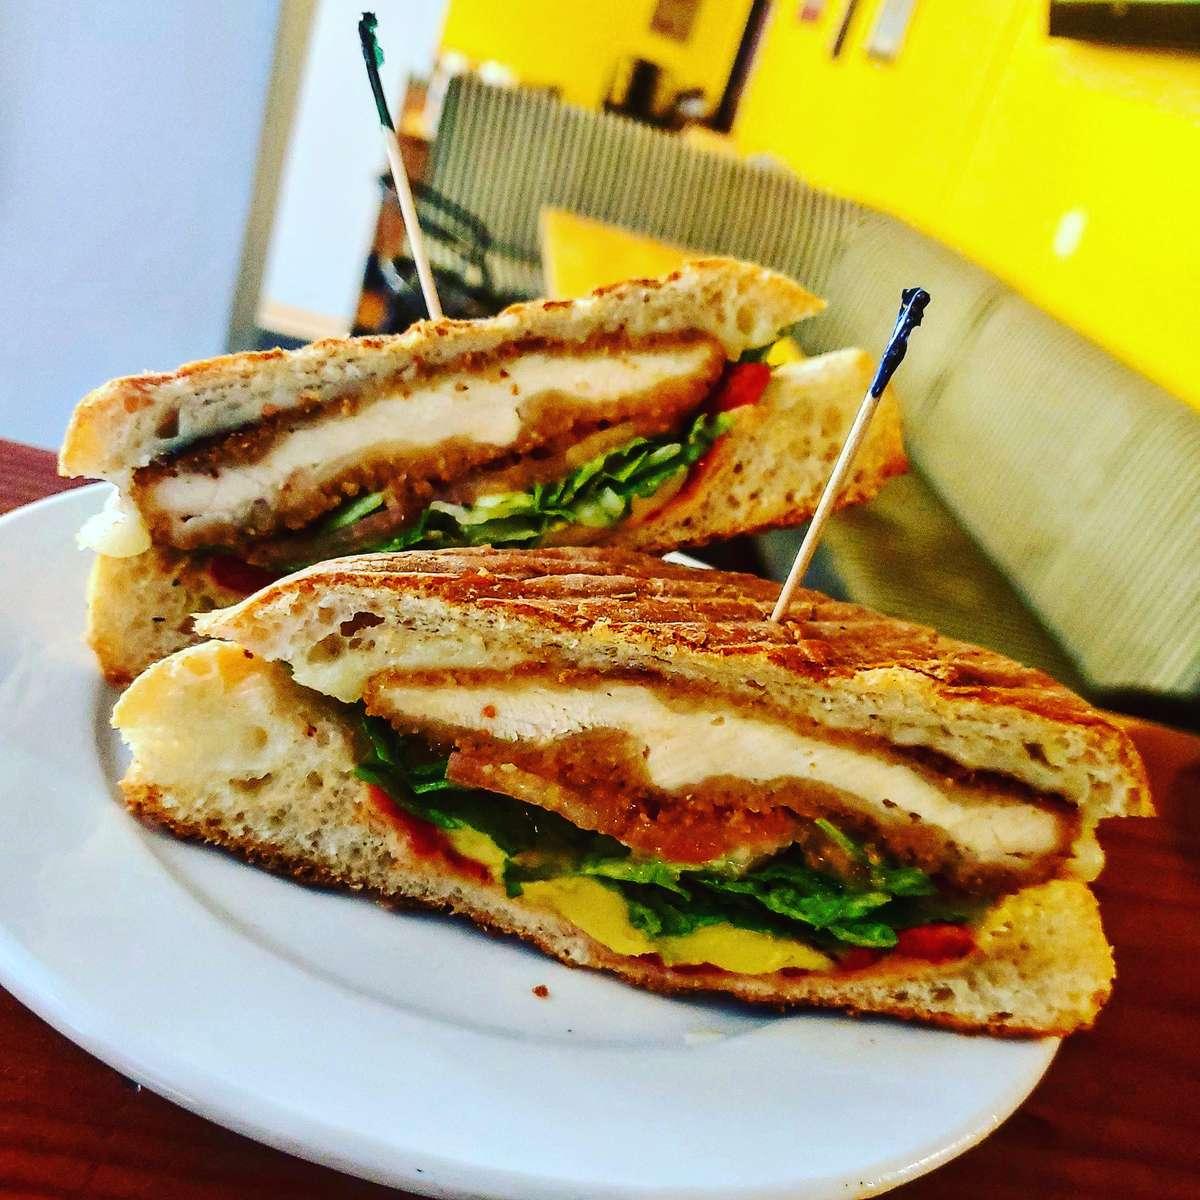 #3 Italian Chicken Sandwich